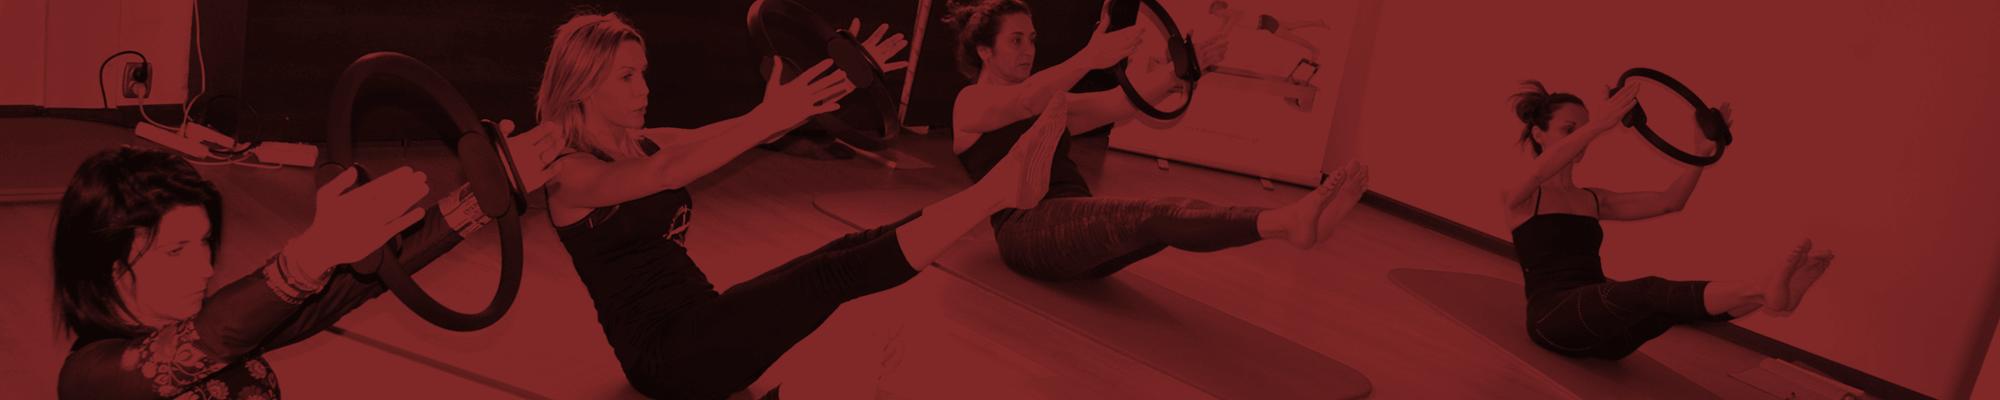 Diamond-pilates-szkolenia-kursy-zajecia-pilates-bg_szkolenie_2000-min